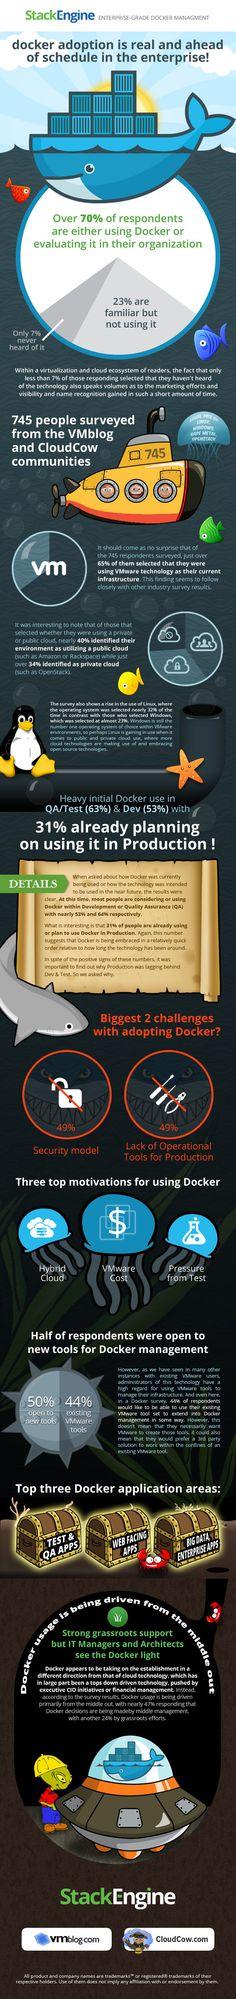 infographic-docker-survey.jpg (600×5083)